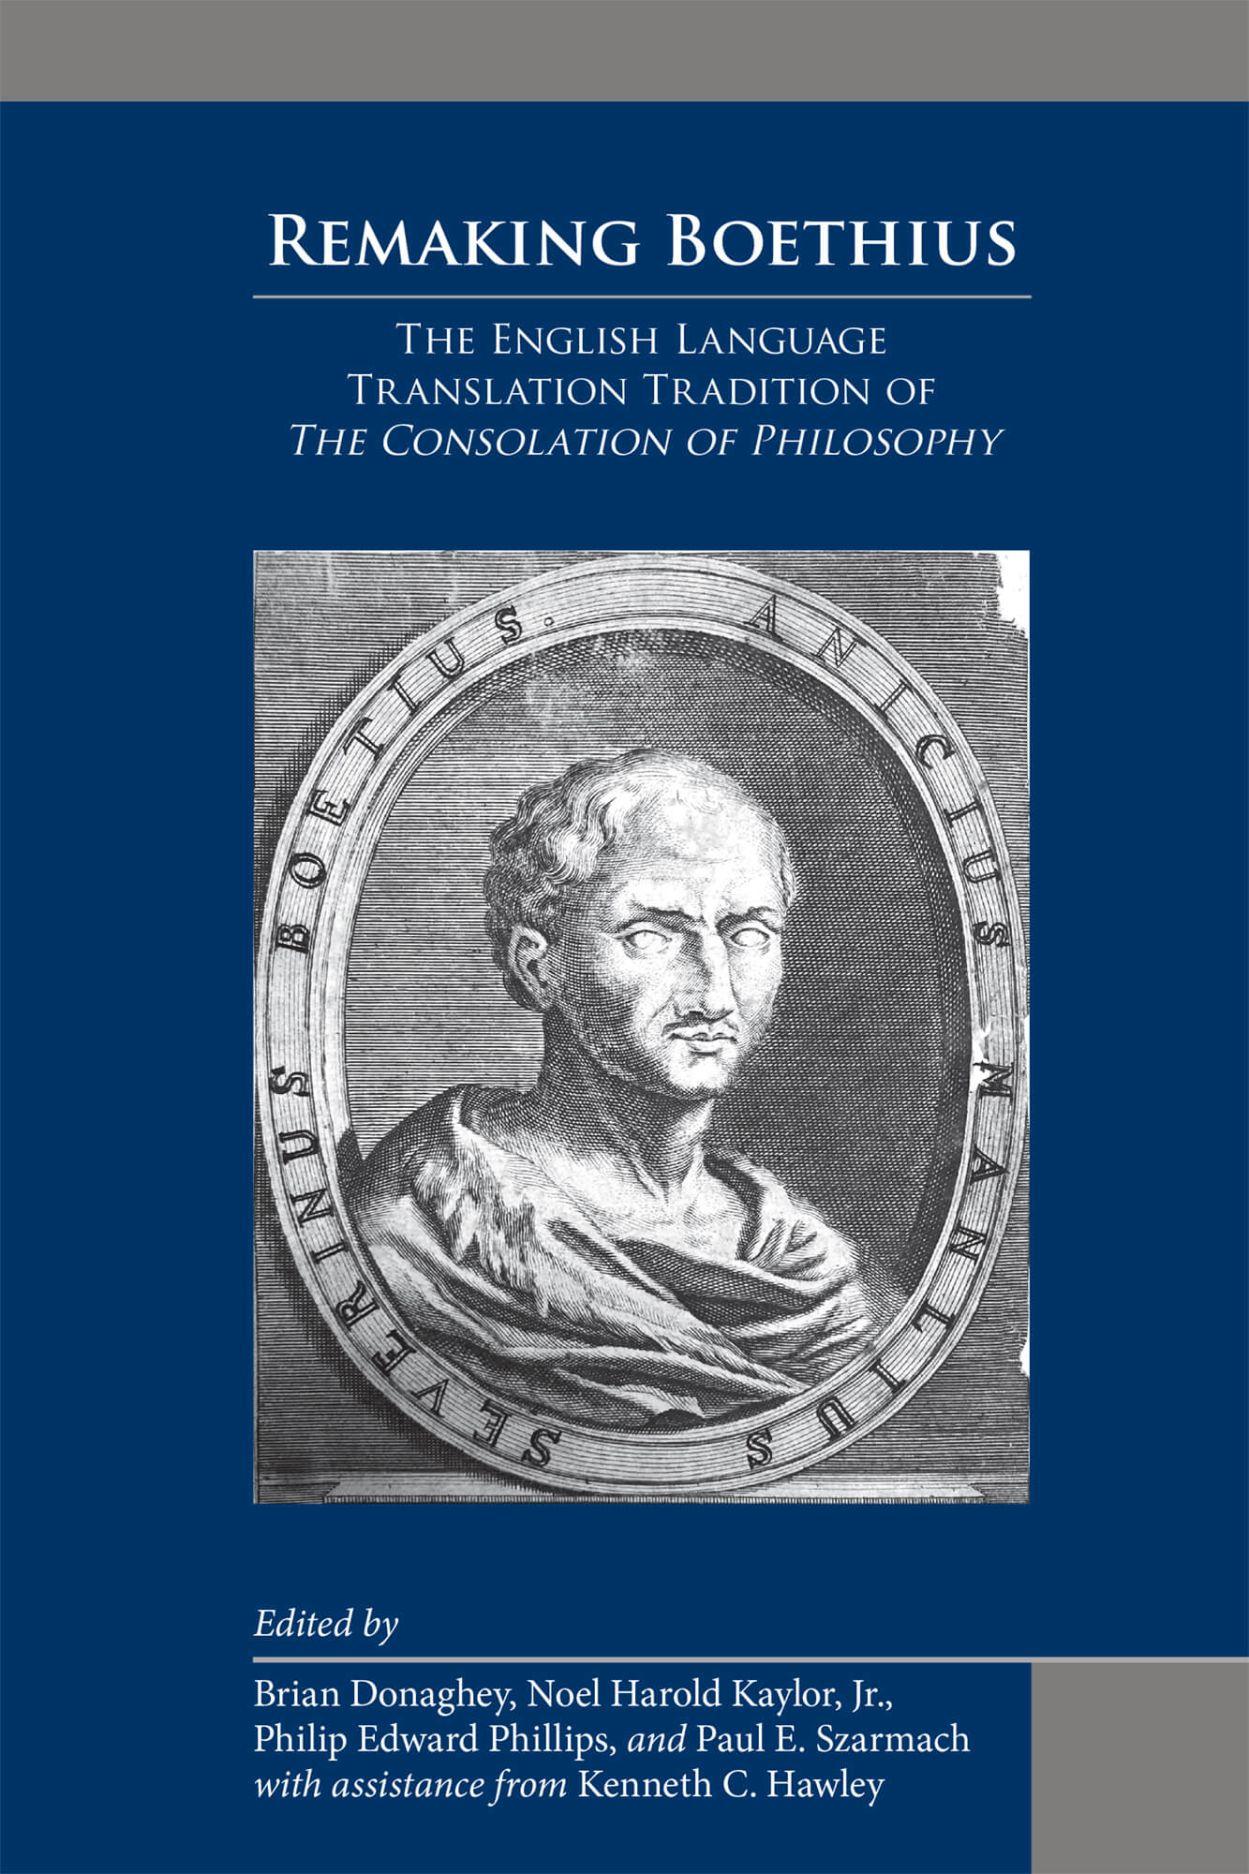 Remaking Boethius: The English Language Translation Tradition